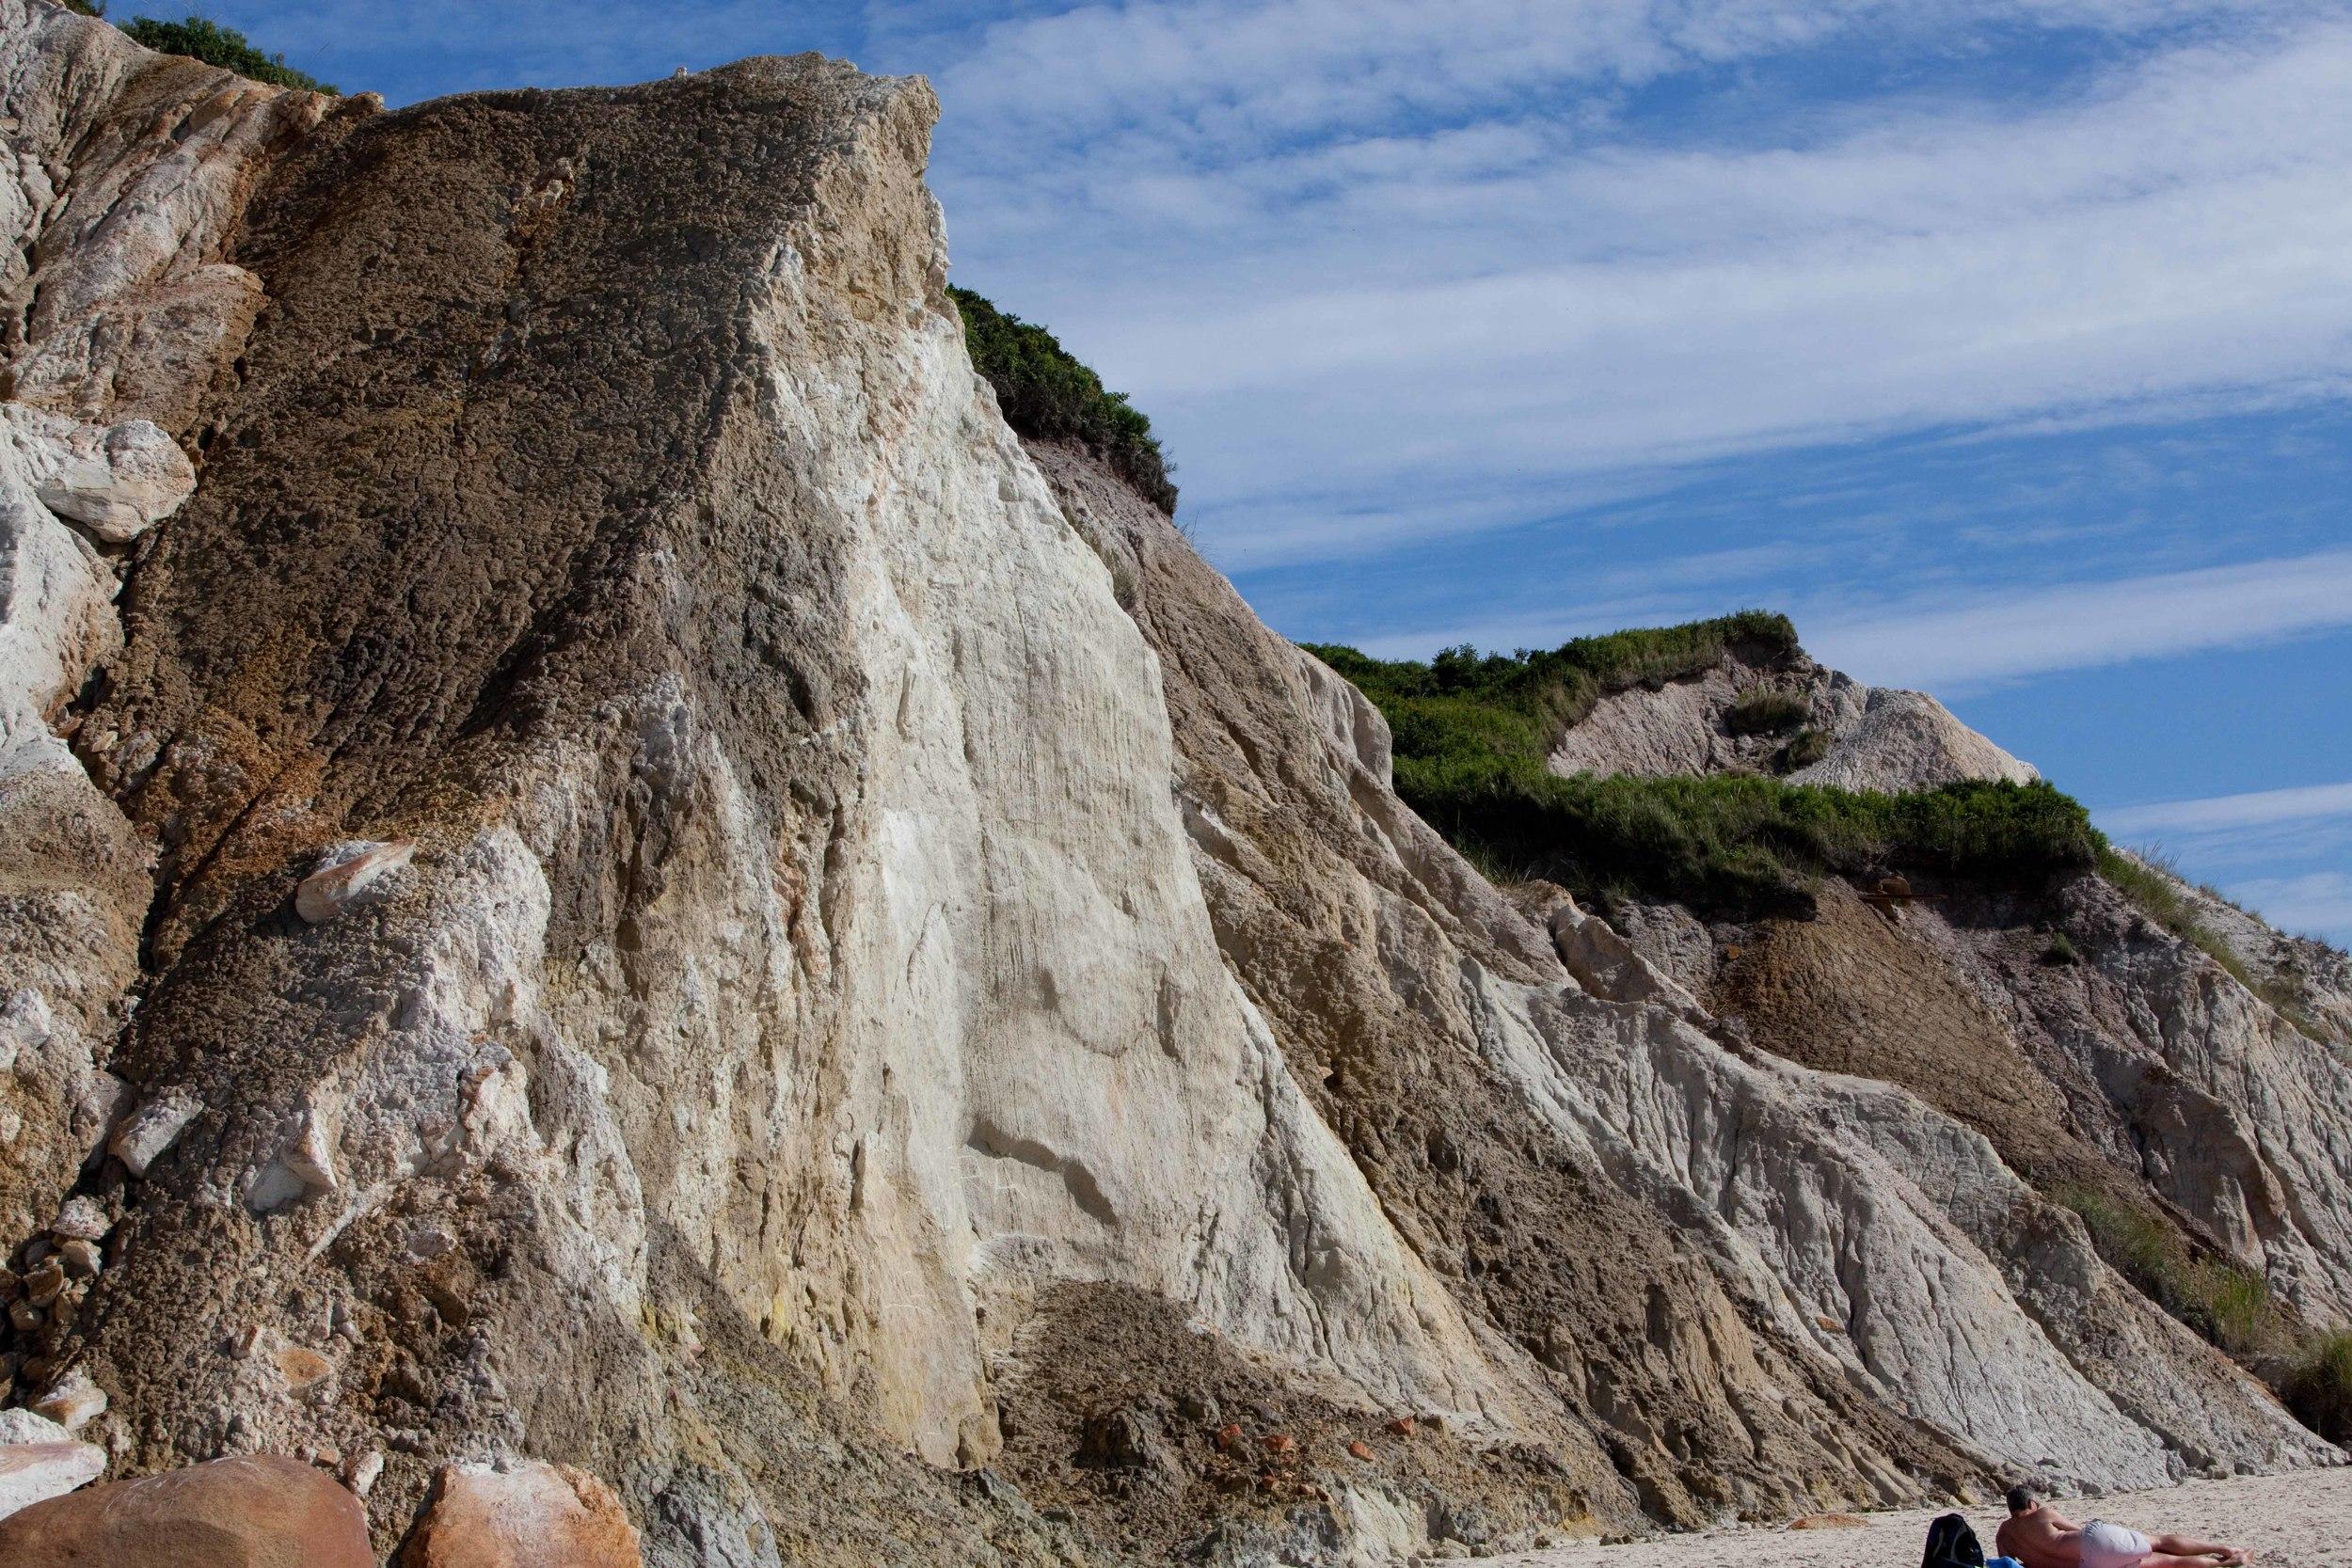 Aquinnah Clay Cliffs, Martha's Vineyard, MA